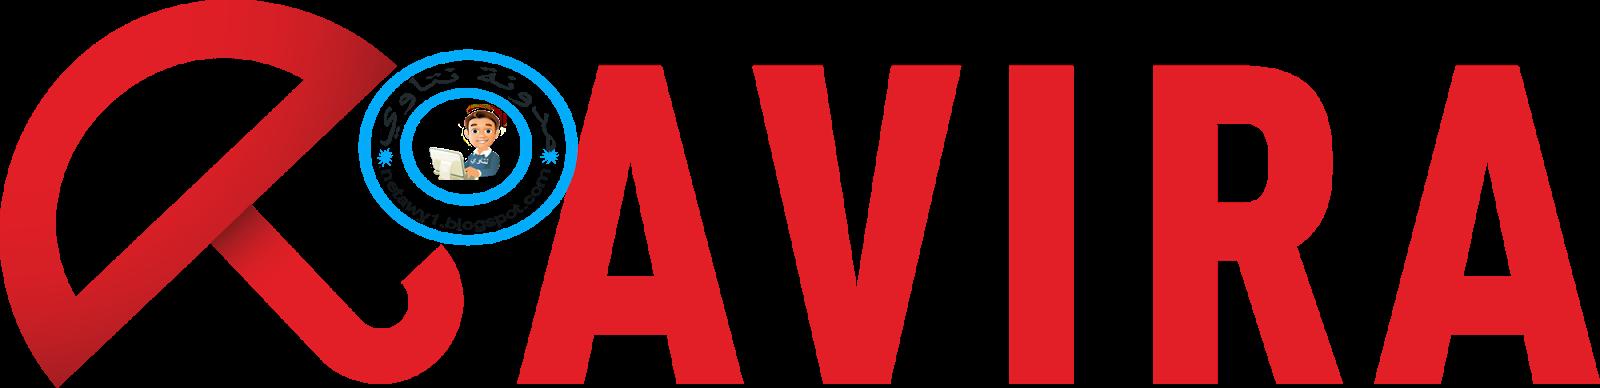 تحميل مكافح الفيروسات المجاني avira Free Antivirus 2014 offline installer